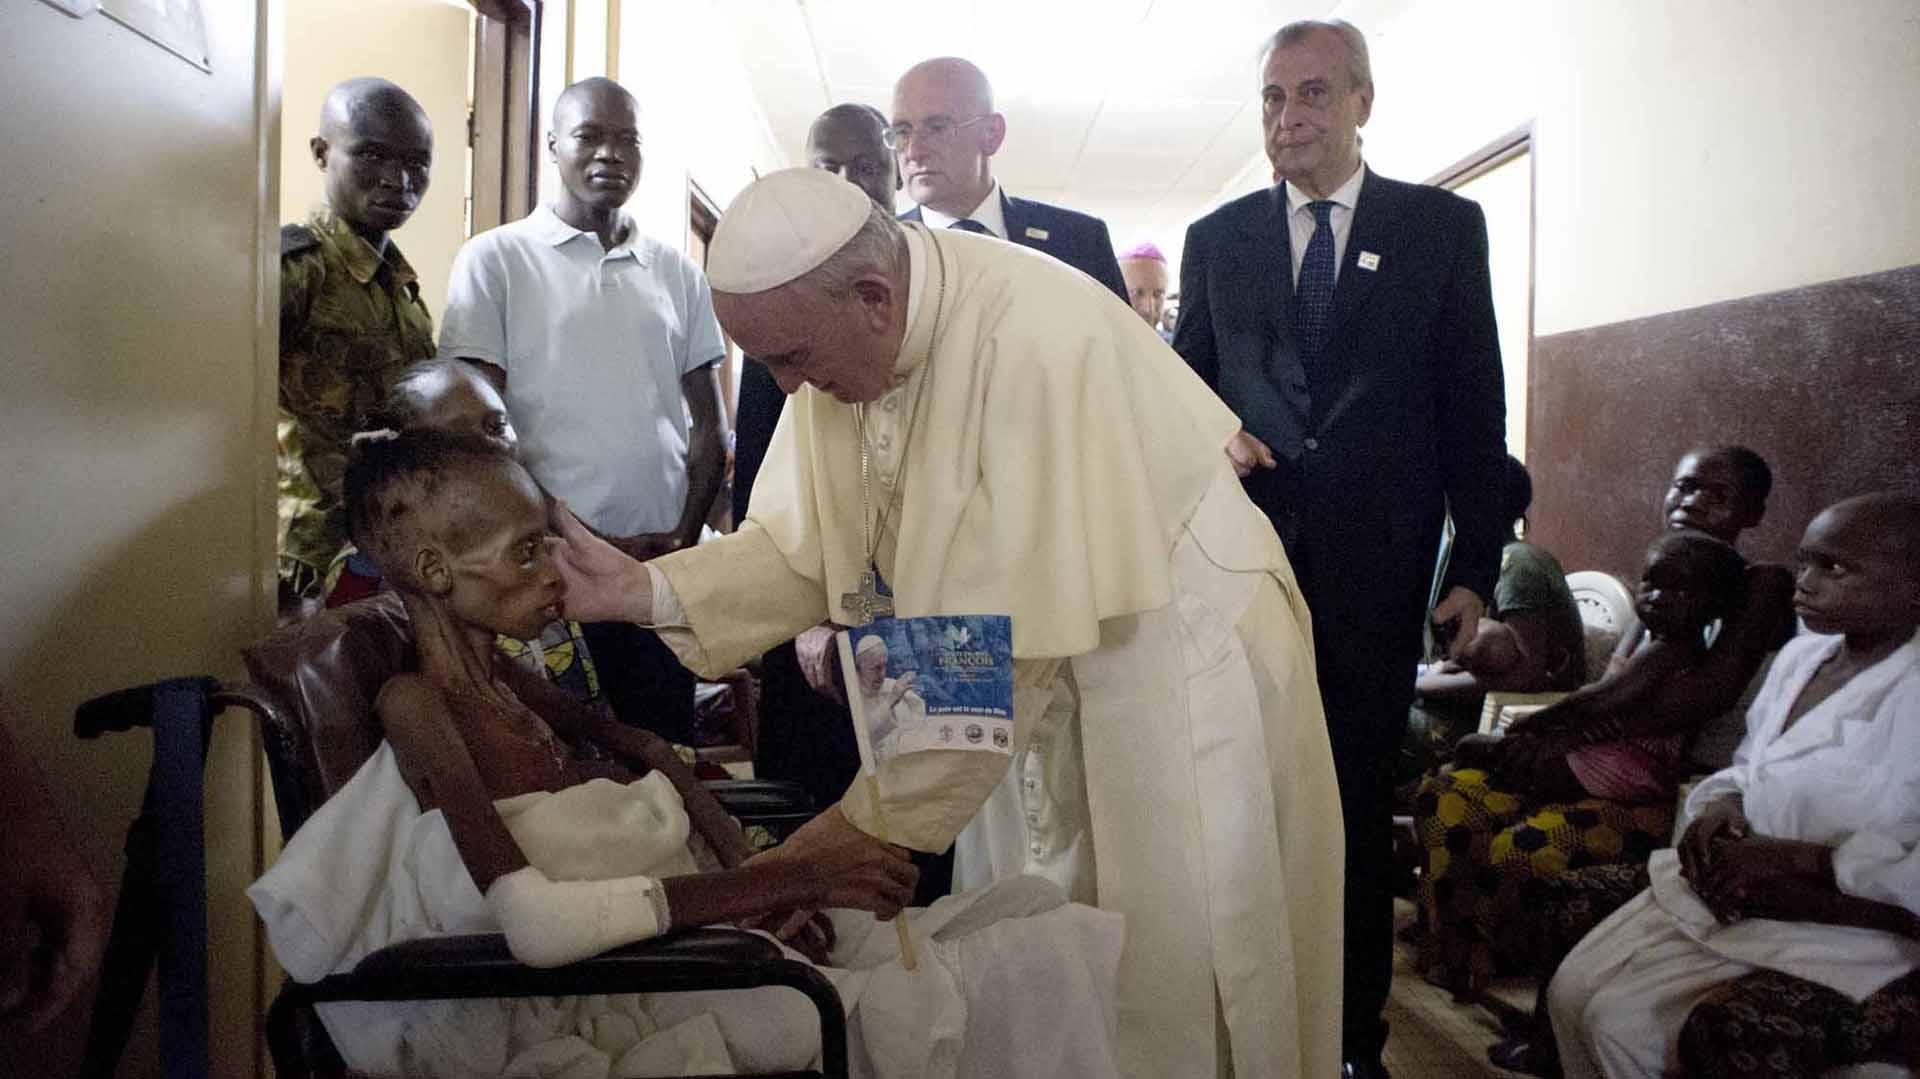 29 de noviembre de 2015: el Papa se encuentra con un paciente durante su visita a un Hospital de Pediatría en Bangui, República Centroafricana